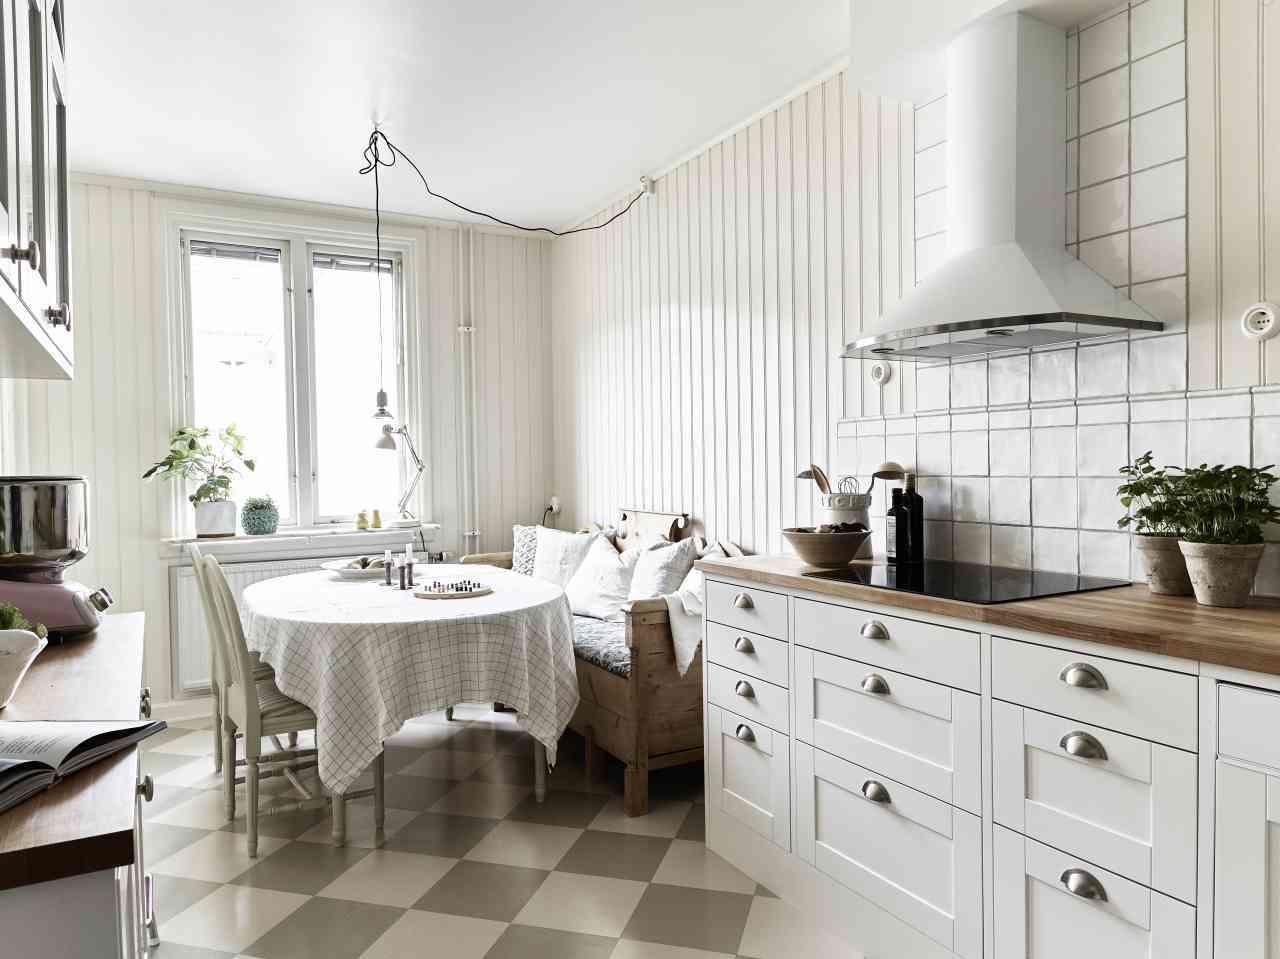 decoración de interiores - casa - cocina grande